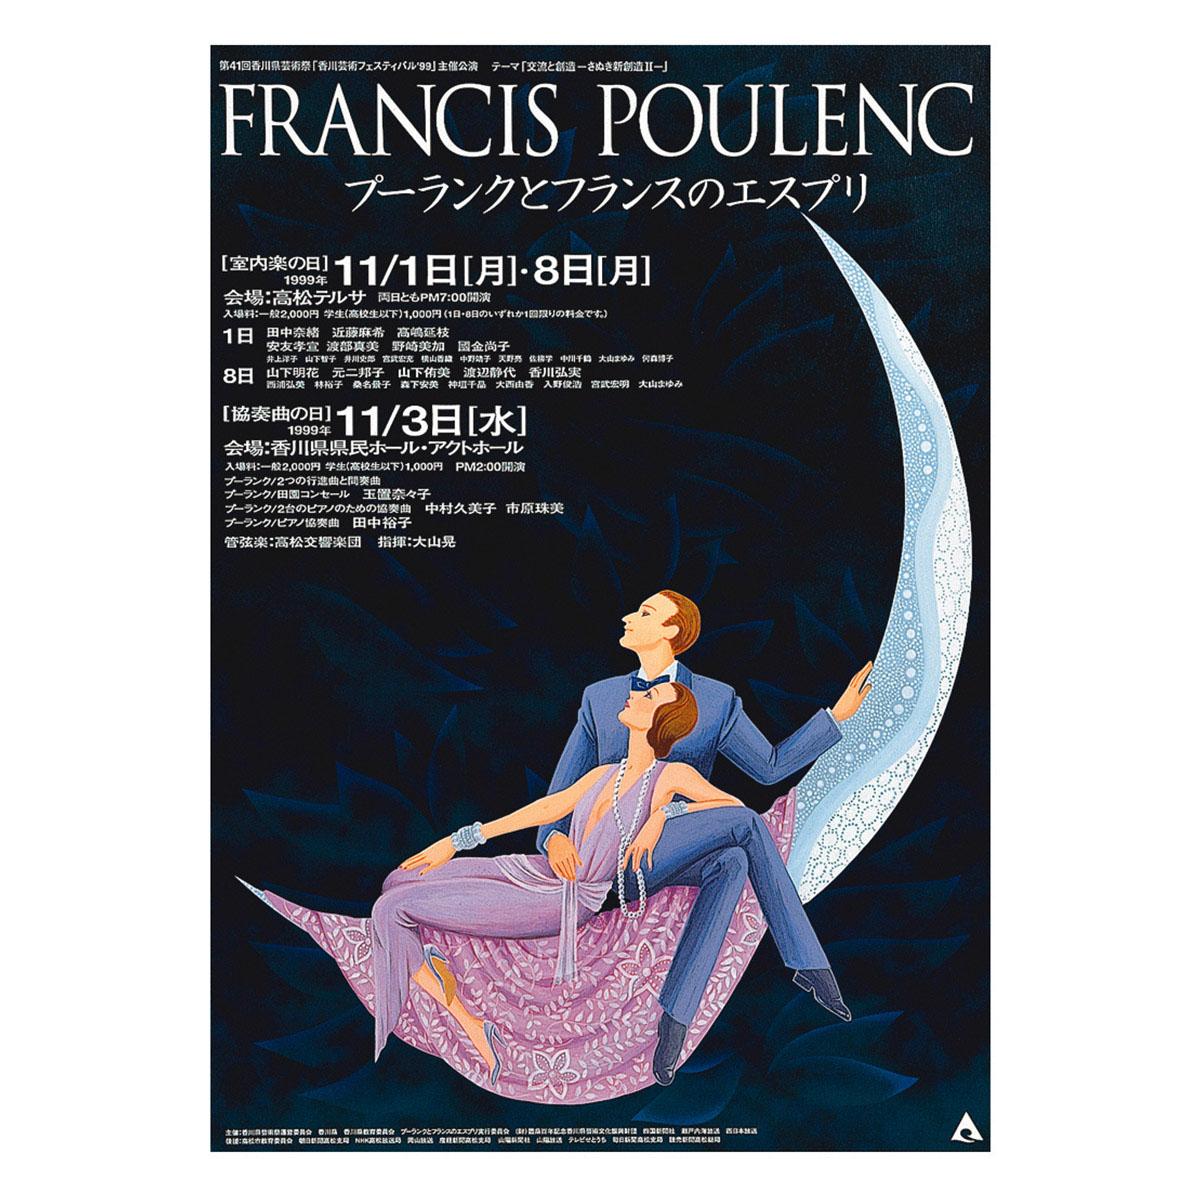 プーランクとフランスのエスプリ ポスター